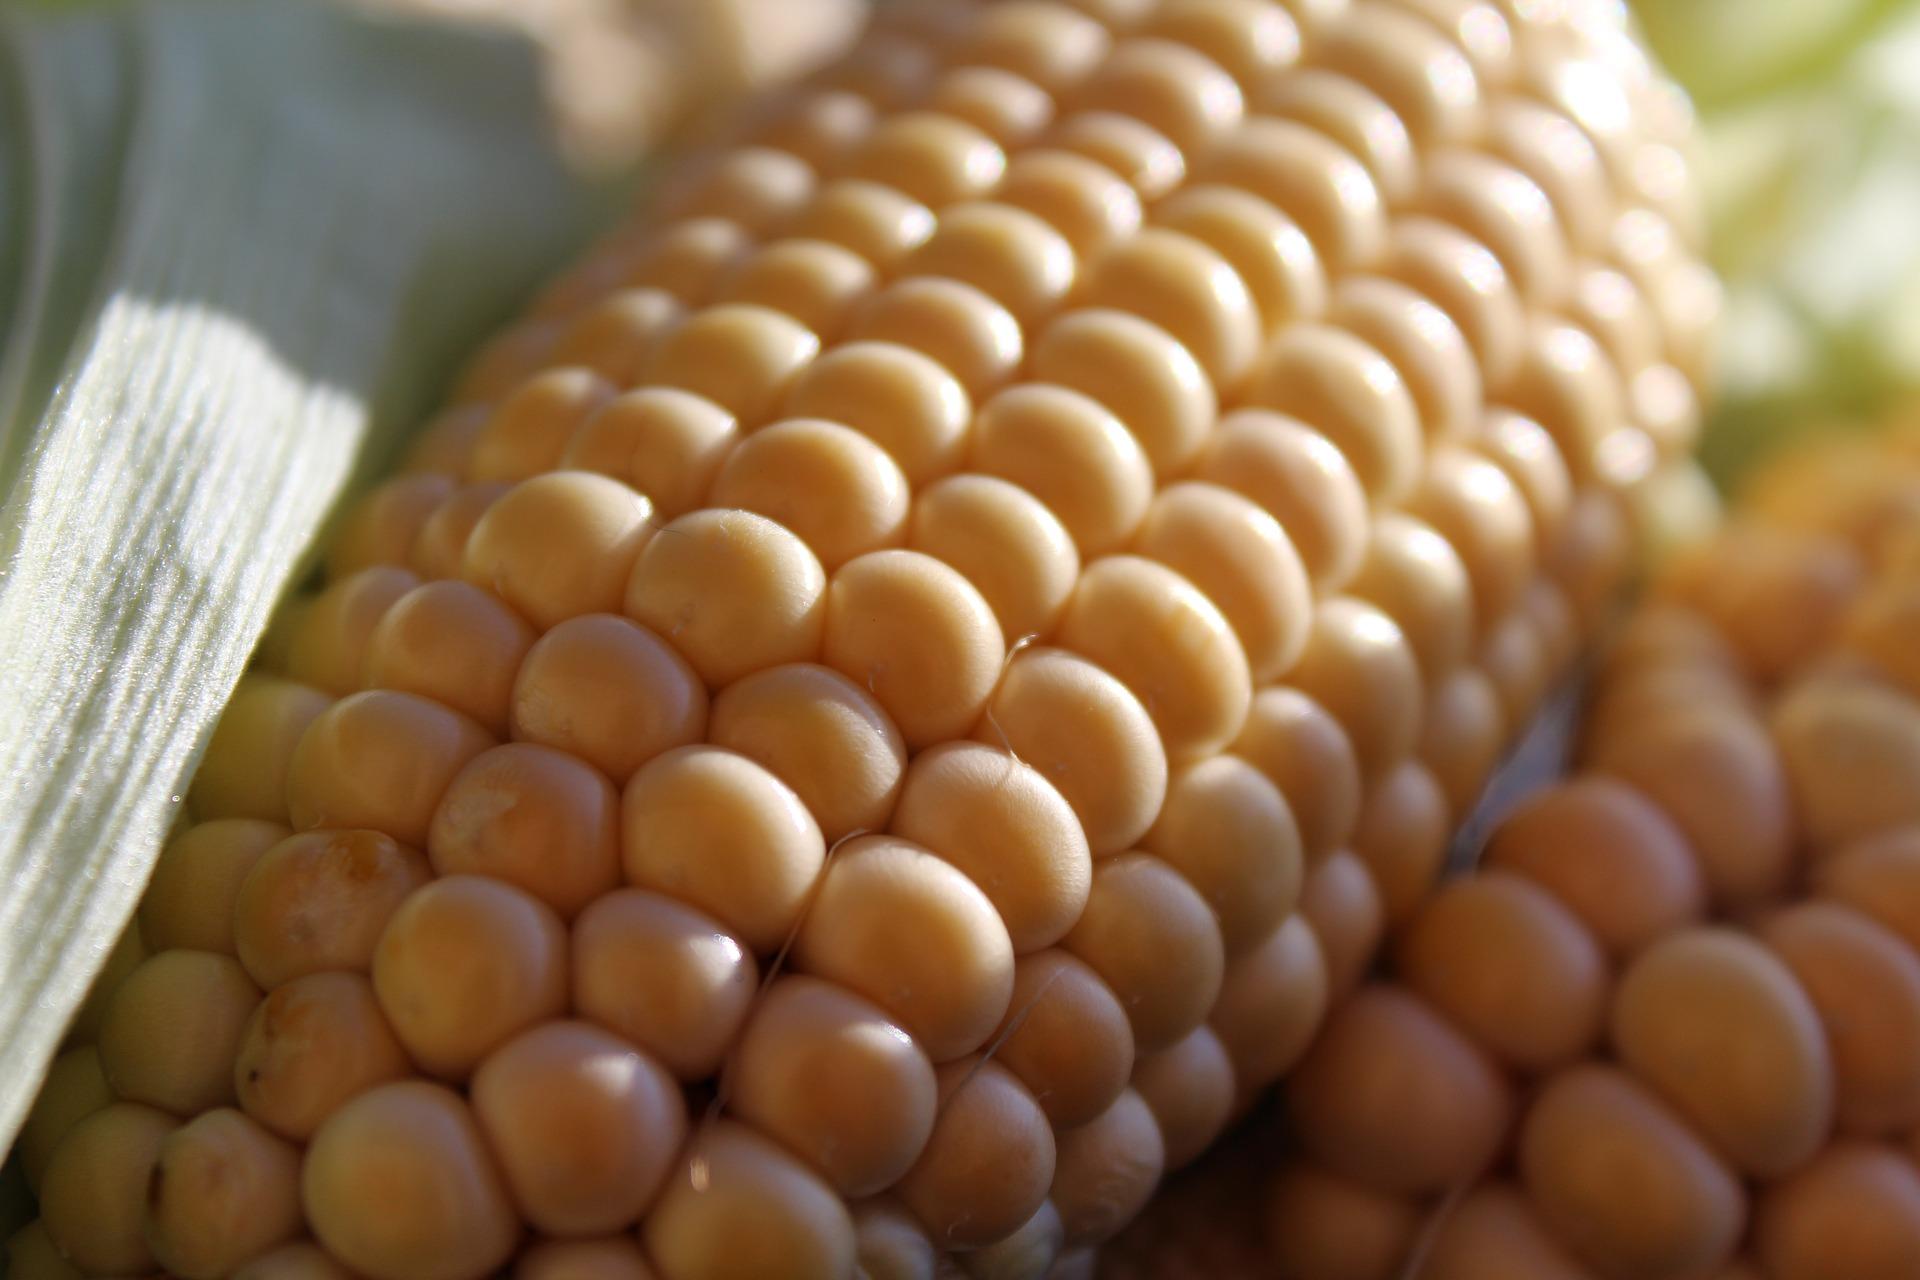 corn-on-the-cob-1712739_1920